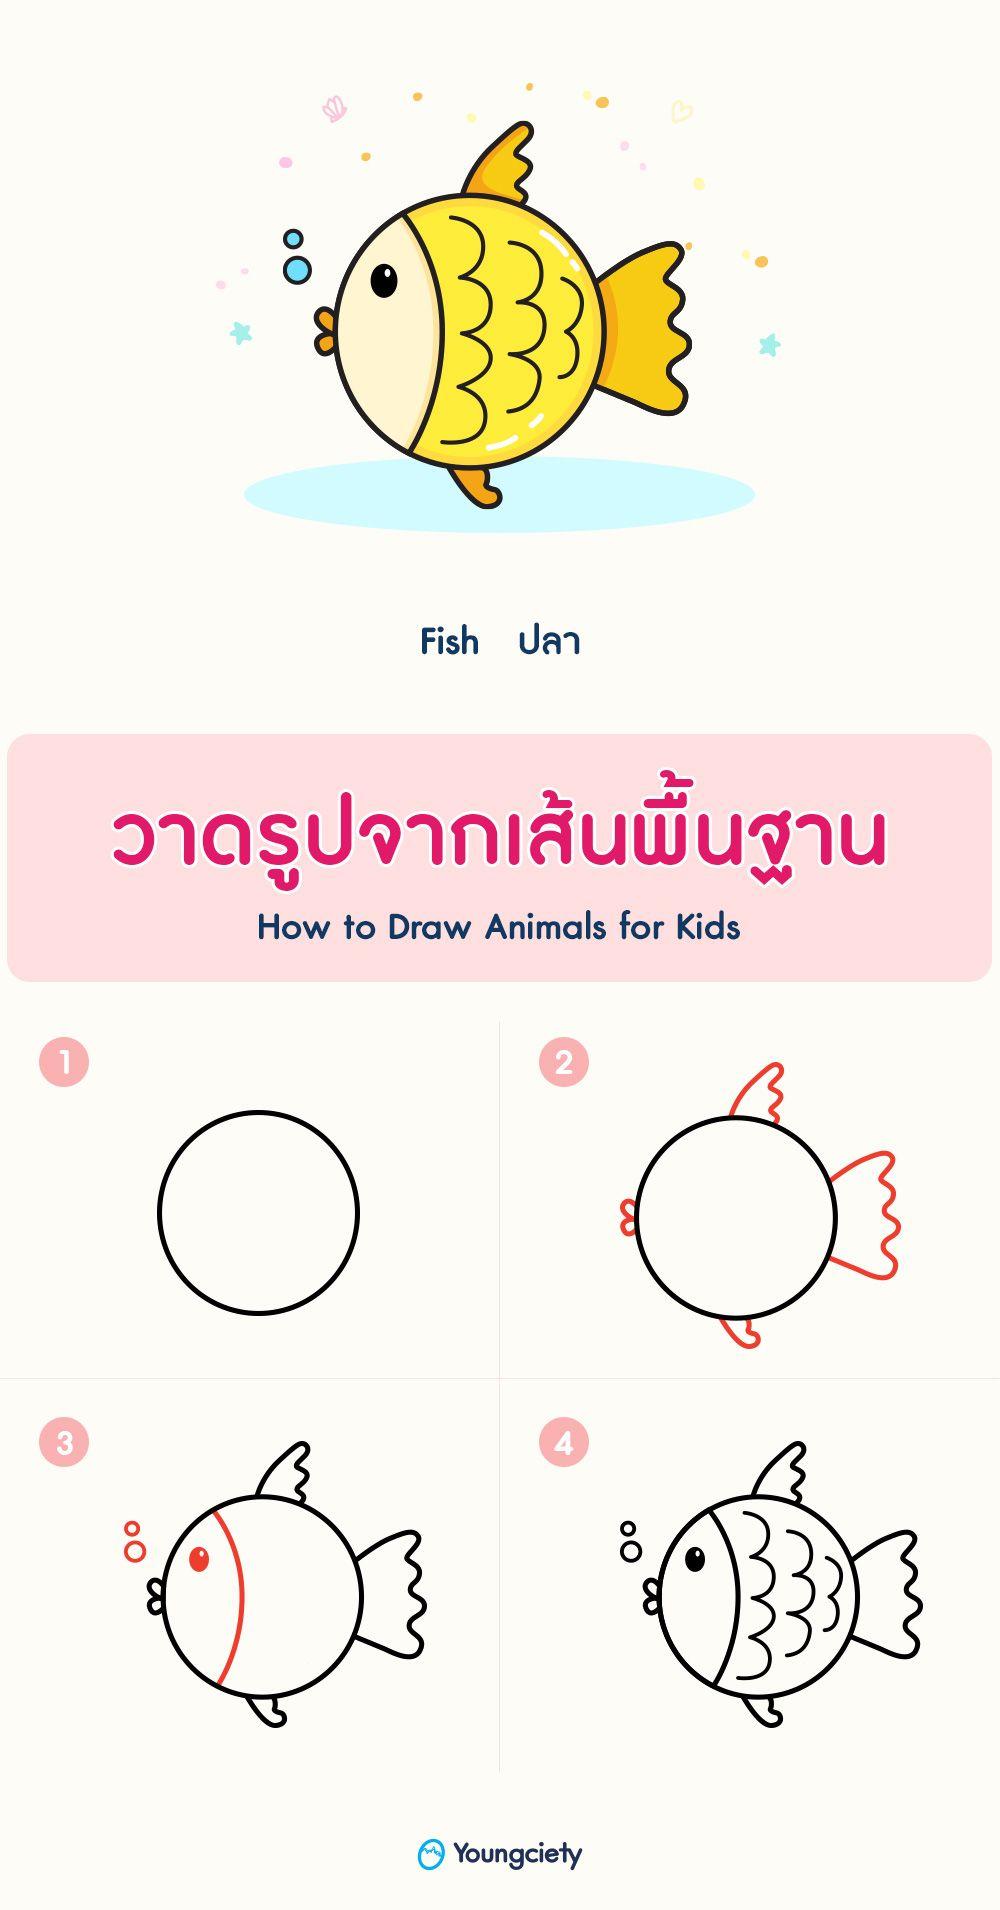 สอนวาดร ปปลาง าย ๆ How To Draw A Fish ในป 2021 สอนศ ลปะ สอนวาดร ป ปลา